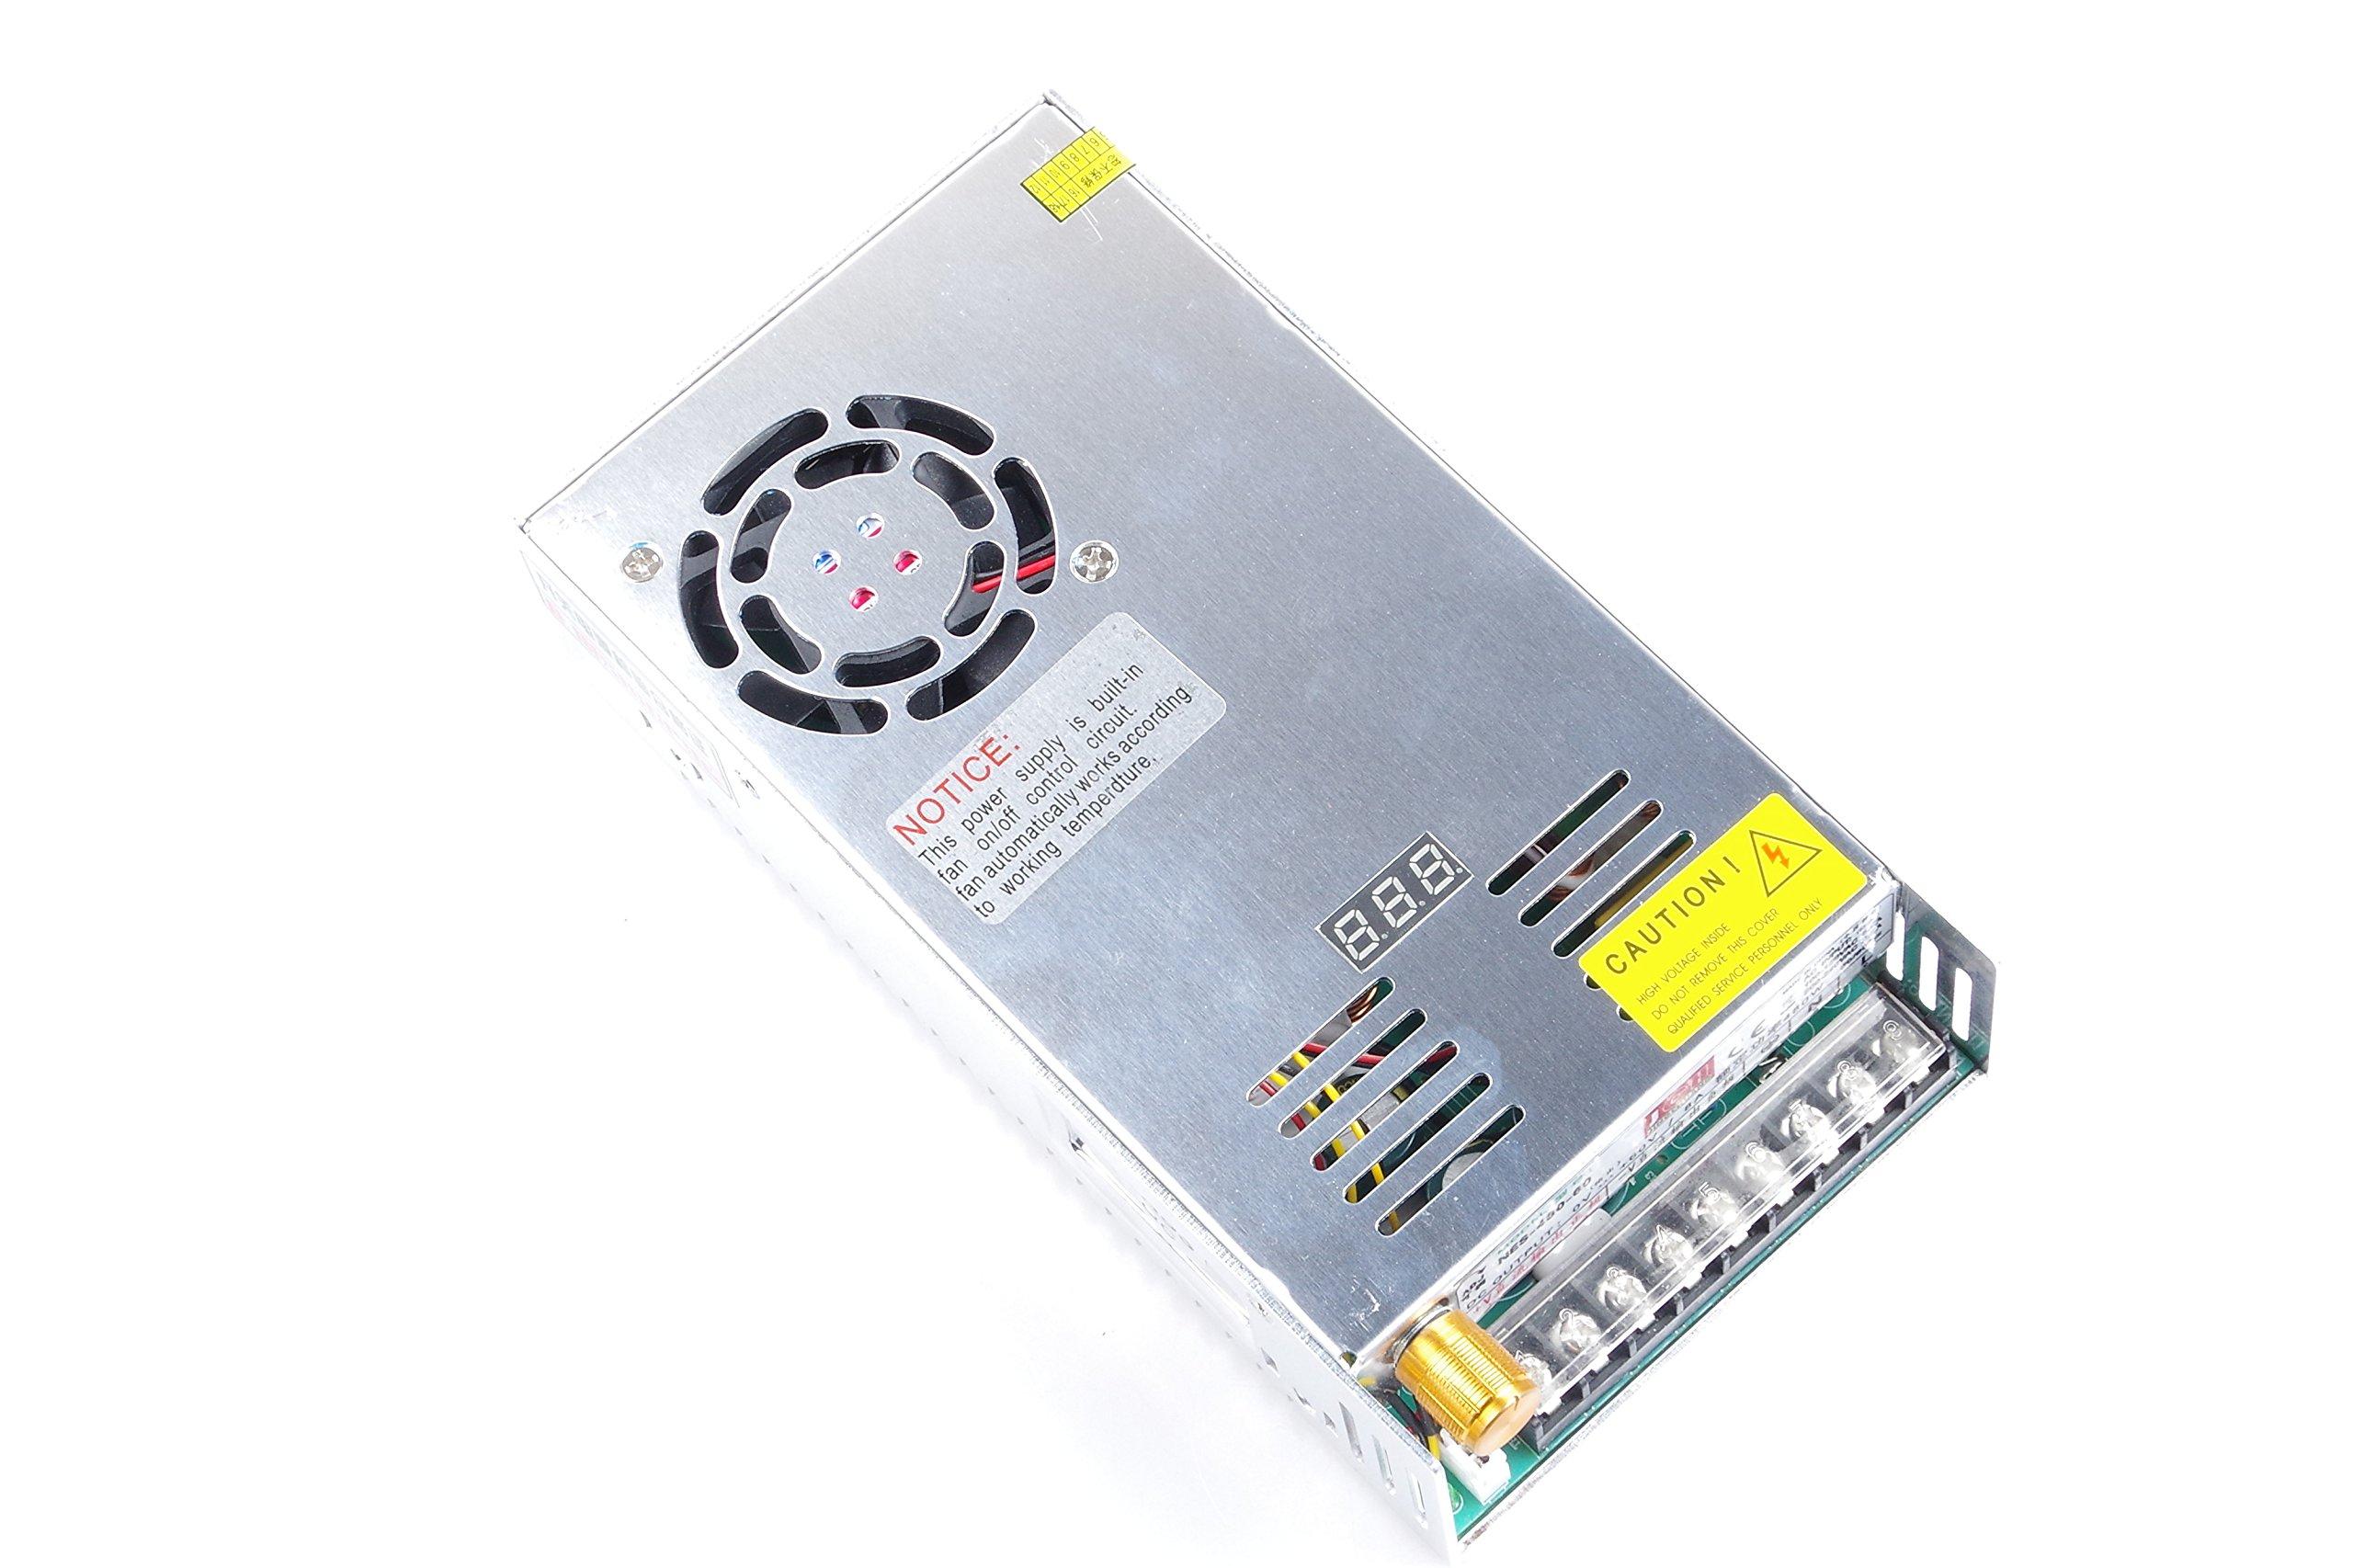 Adjustable DC Power Voltage Converter AC 110V-220V to DC 0-80V Module 80V 6A Switching Power Supply Digital Display 480W Voltage Regulator Transformer Built in Cooling Fan (DC 0-80V 6A) by TOFKE (Image #3)